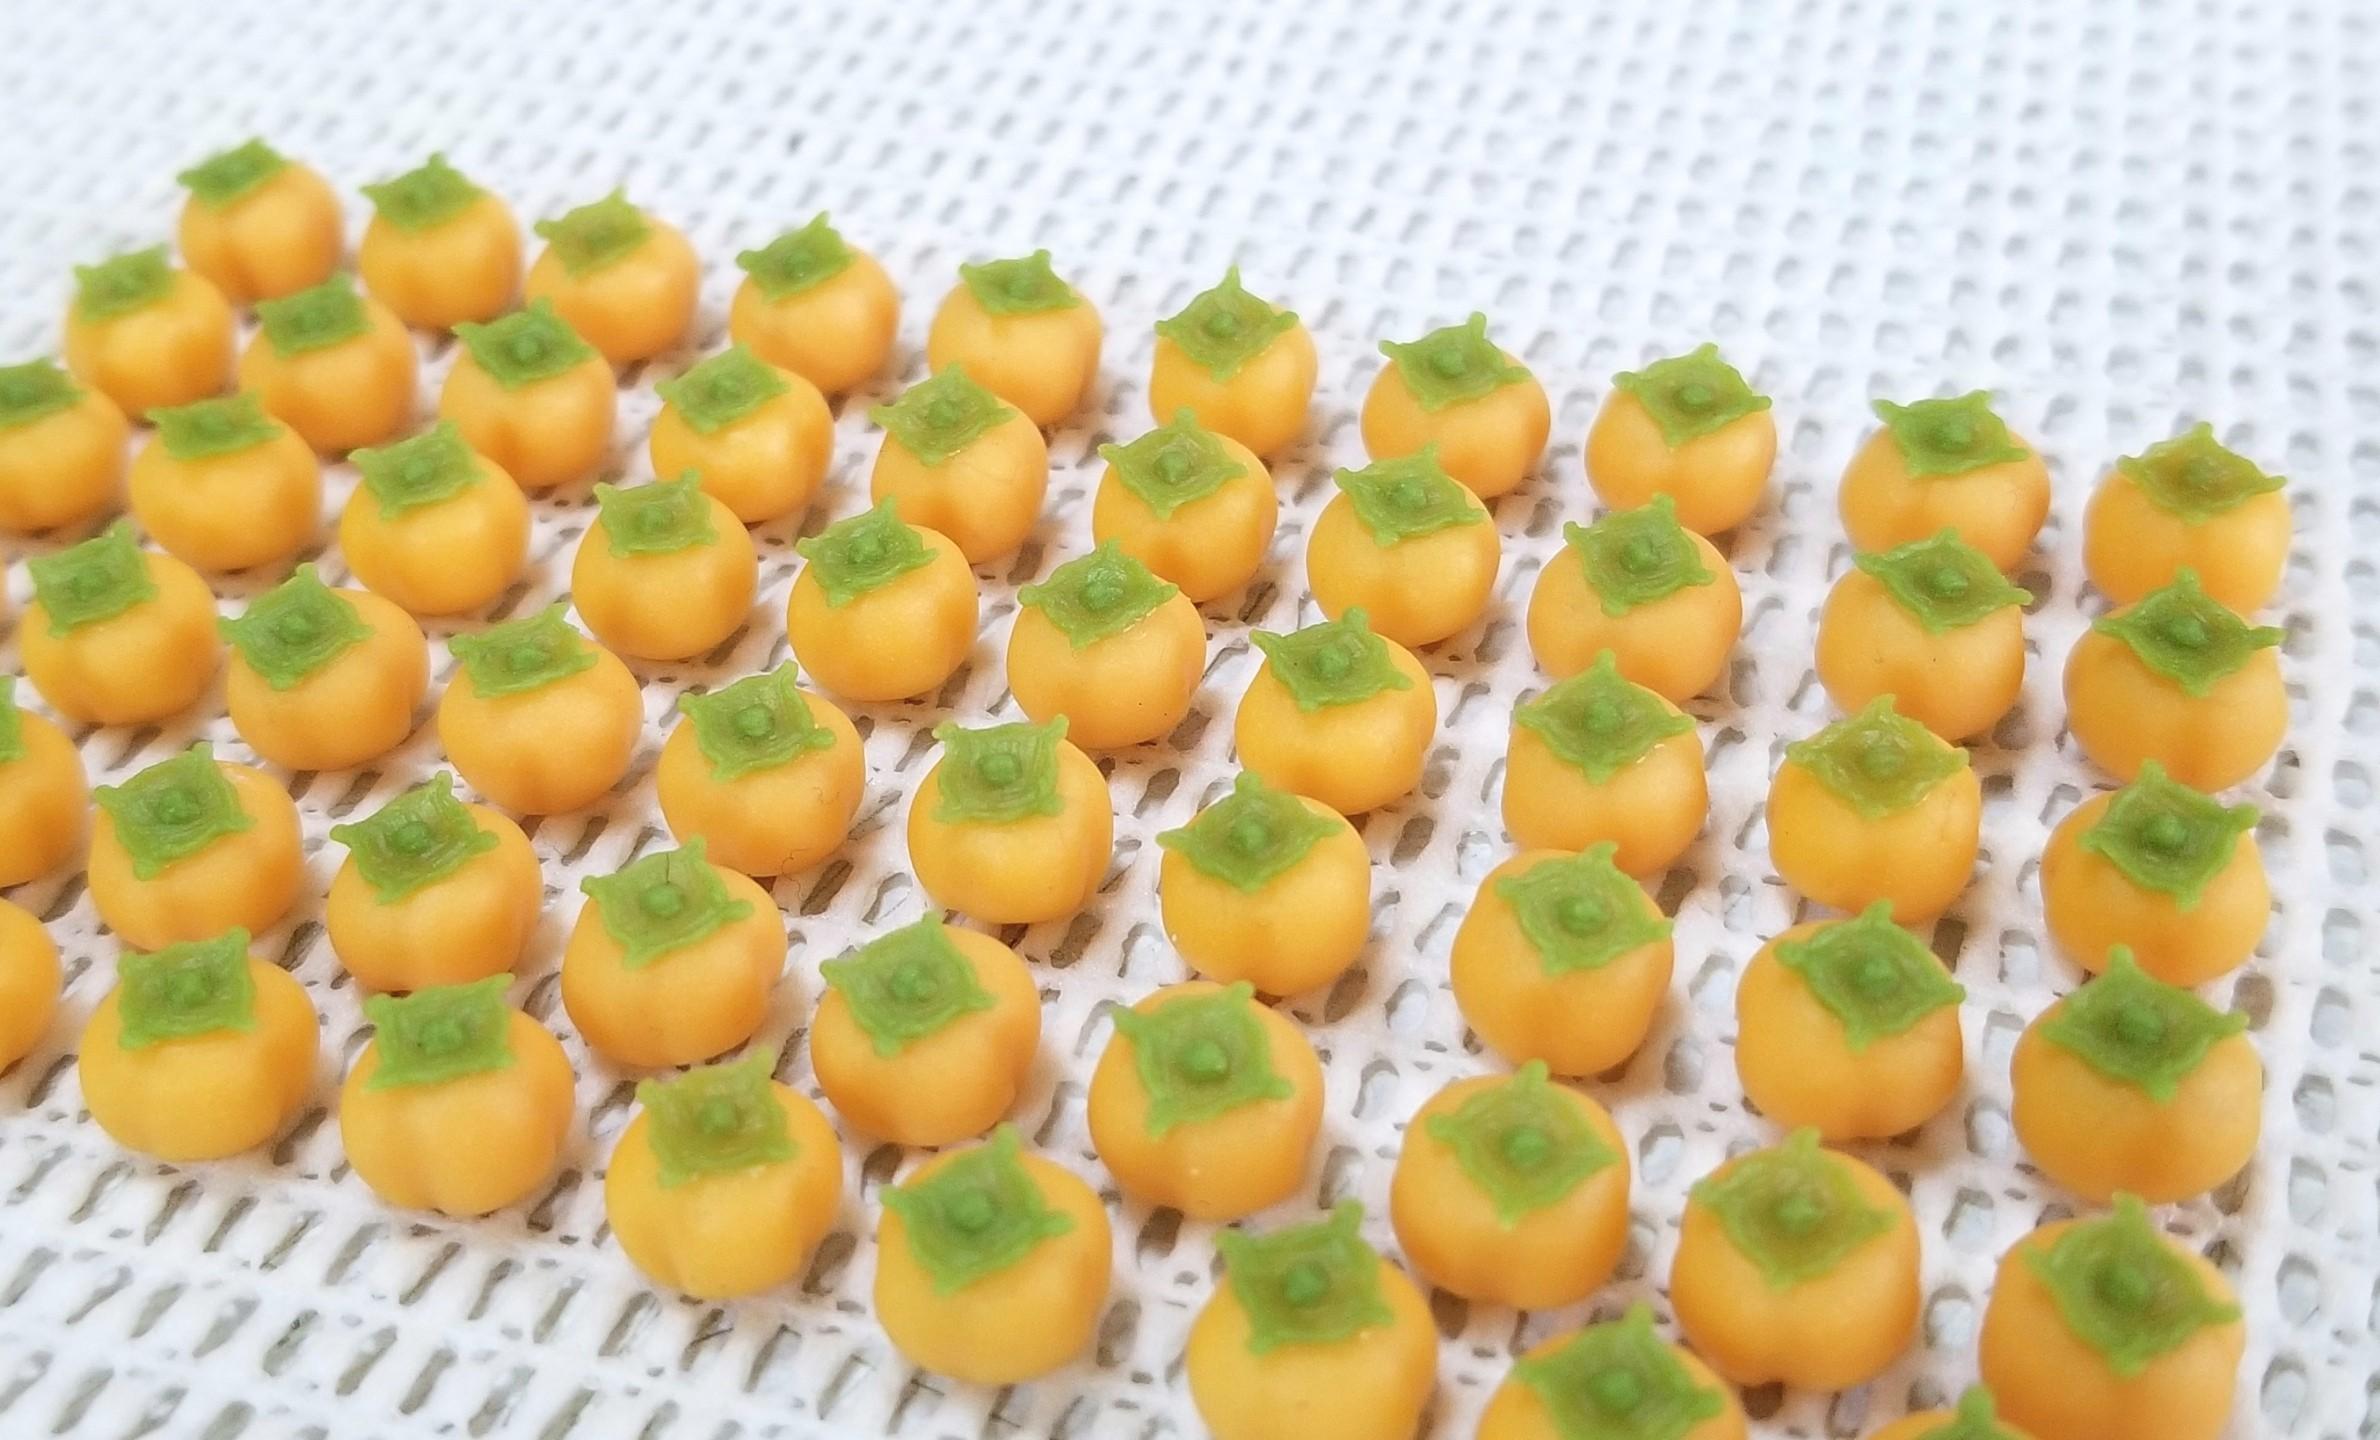 ミニチュアフード,和菓子,柿,樹脂粘土,練りきり,プーリップ系,食品